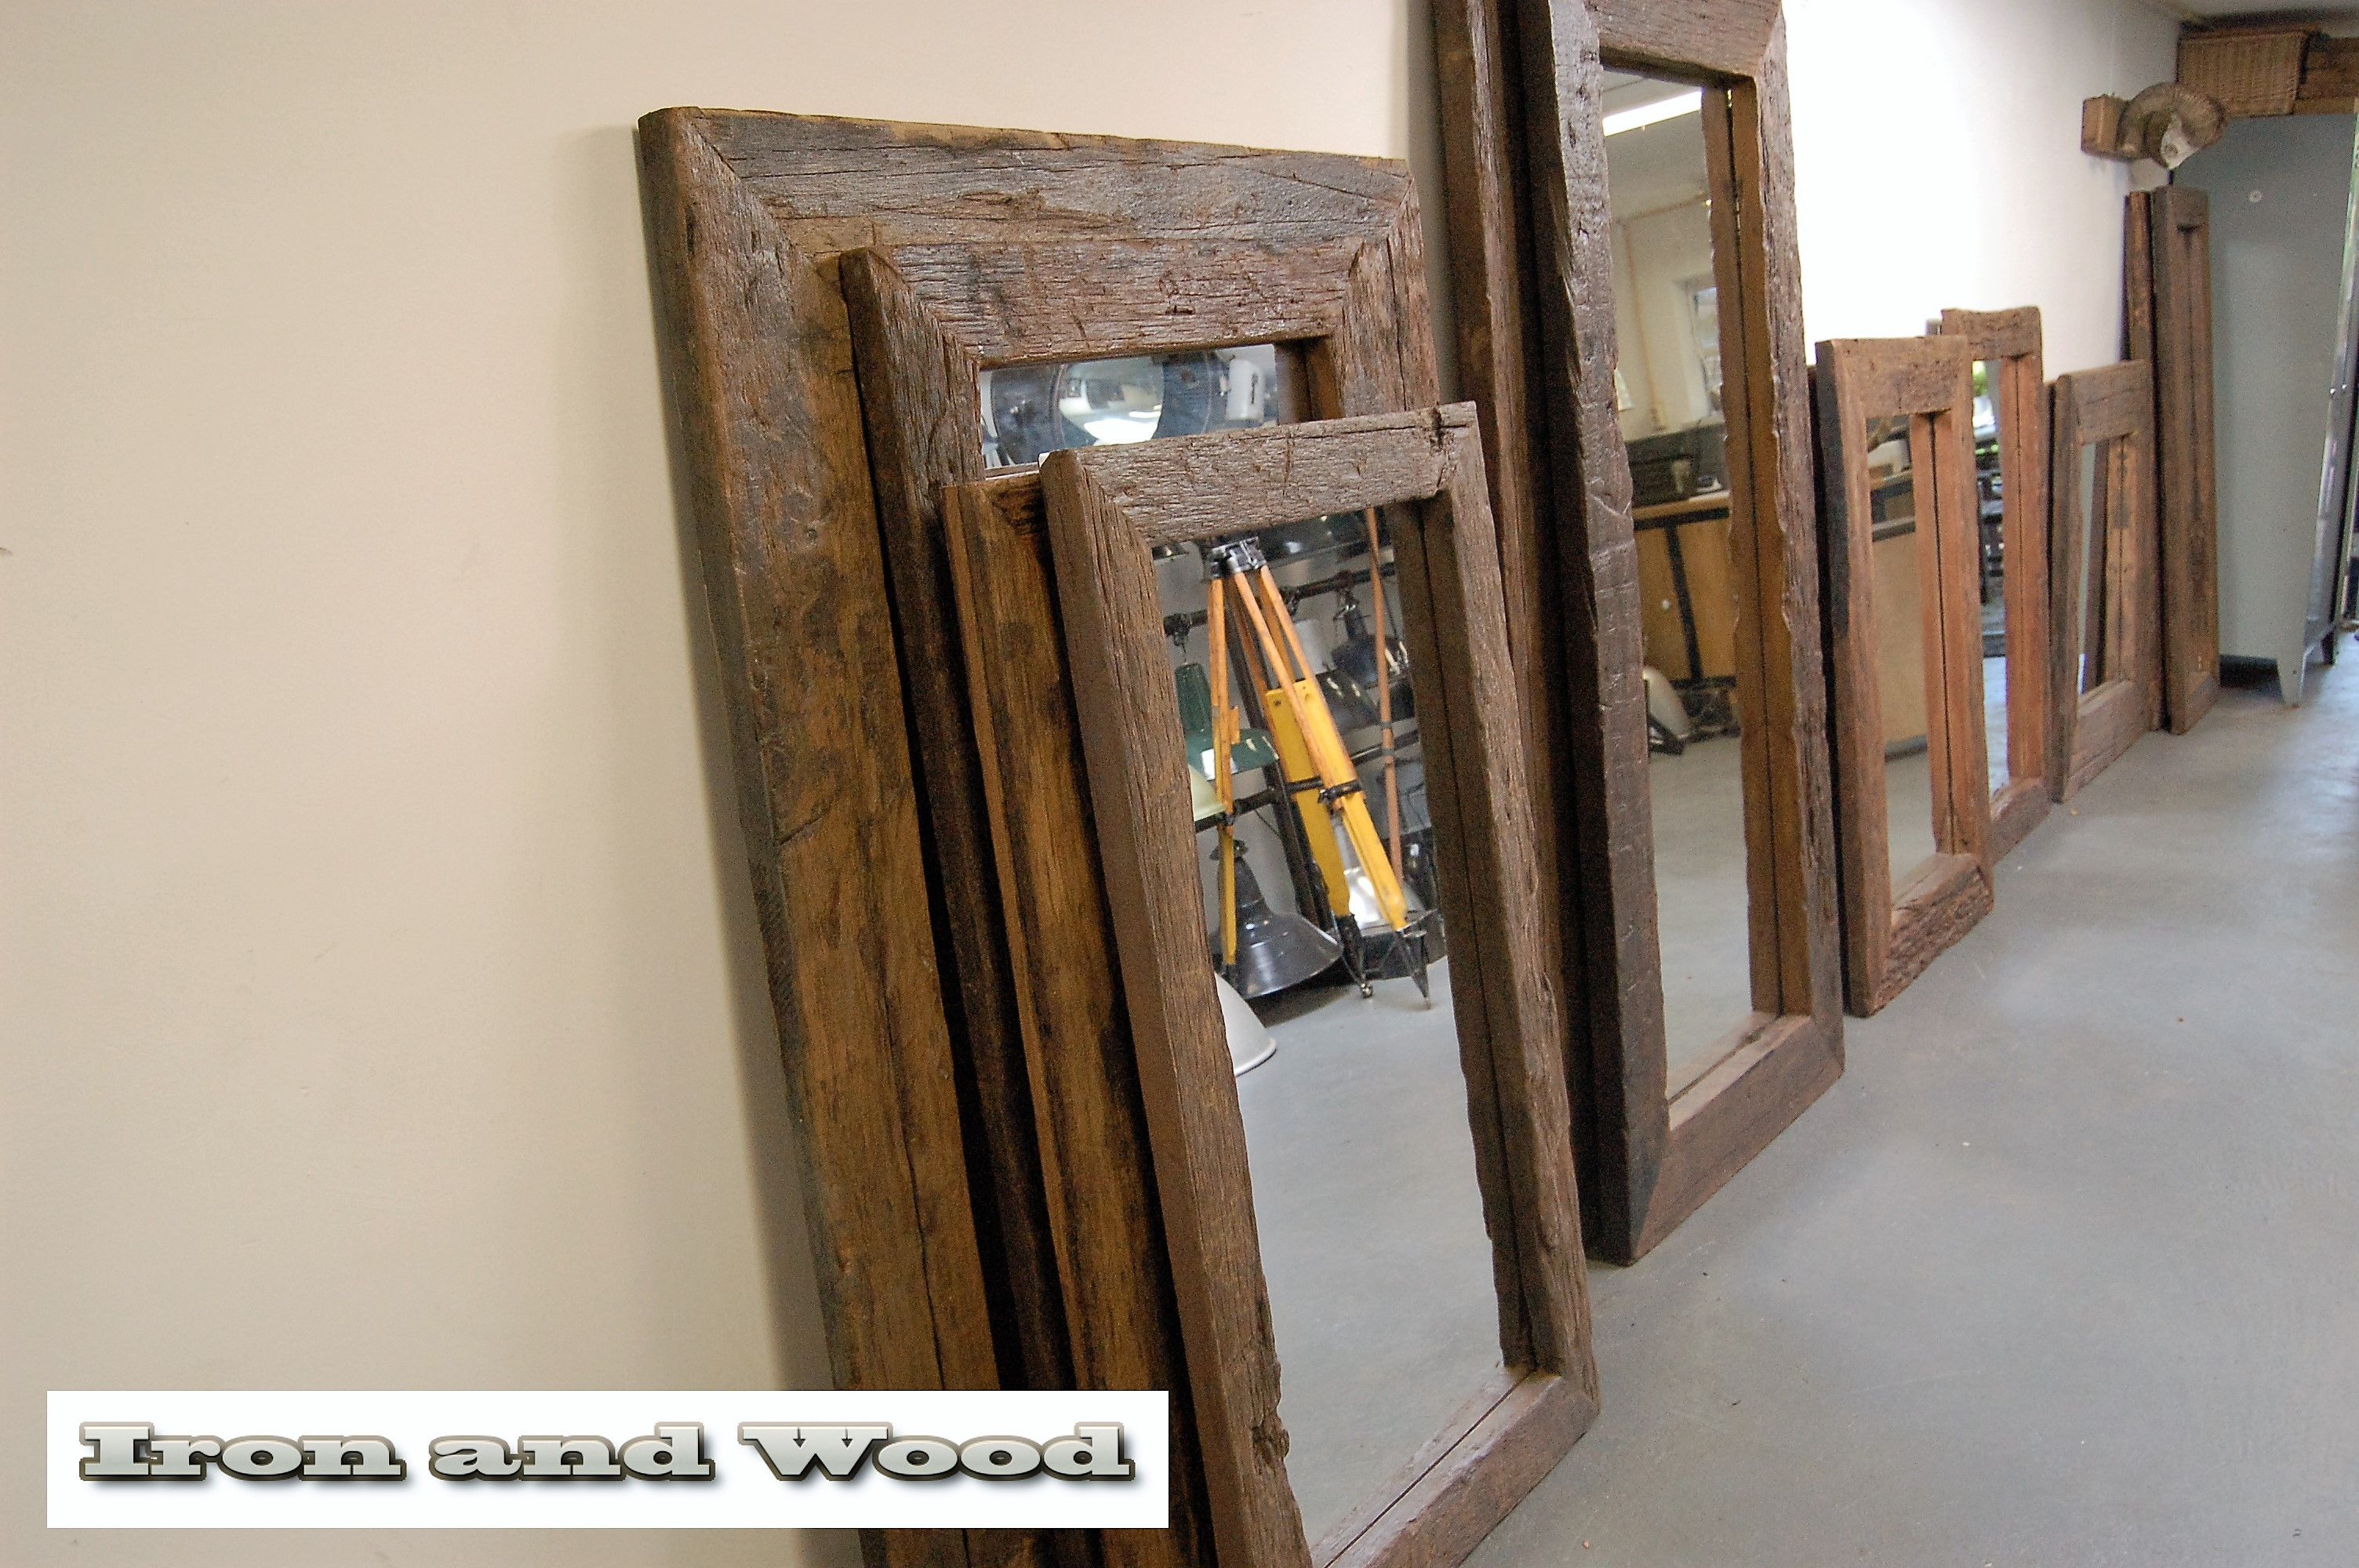 Grote Spiegel Hout : Extreem grote spiegel hout &py76 u2013 aboriginaltourismontario